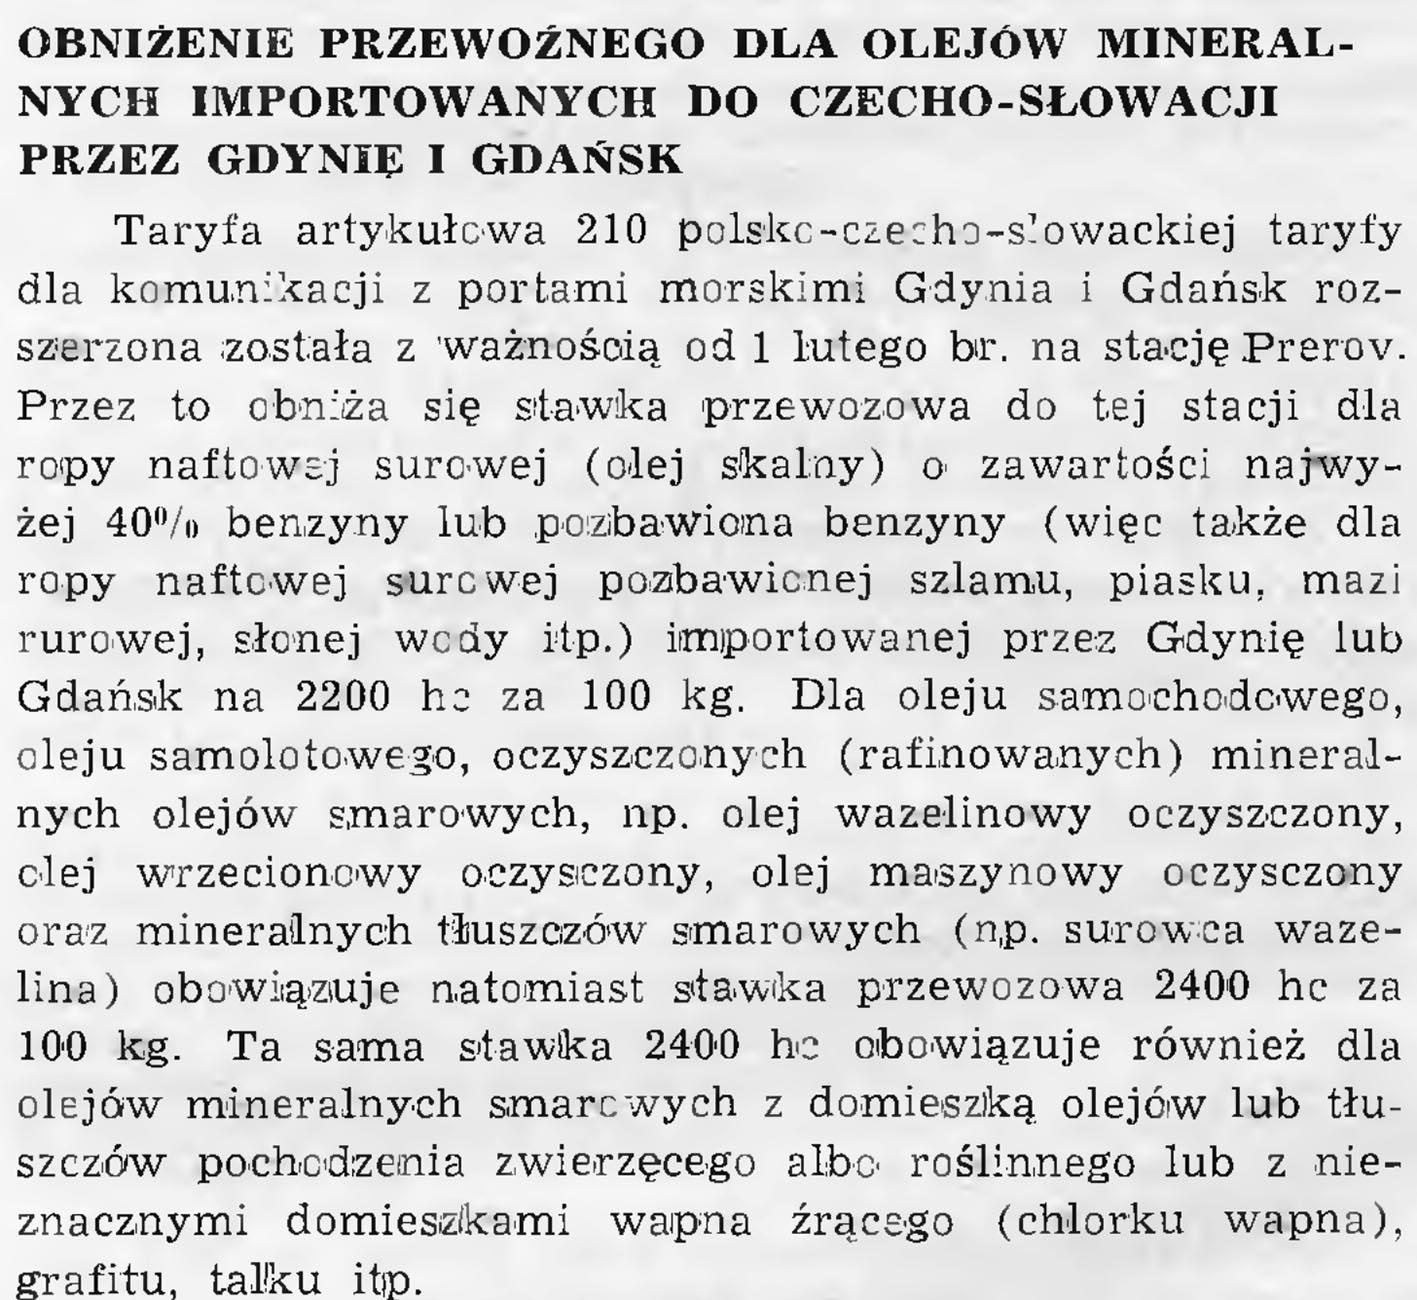 Obniżenie przewoźnego dla olejów mineralnych importowanych do Czecho-Słowacji przez Gdynię i Gdańsk. - 1939, nr 1/2, s. 7